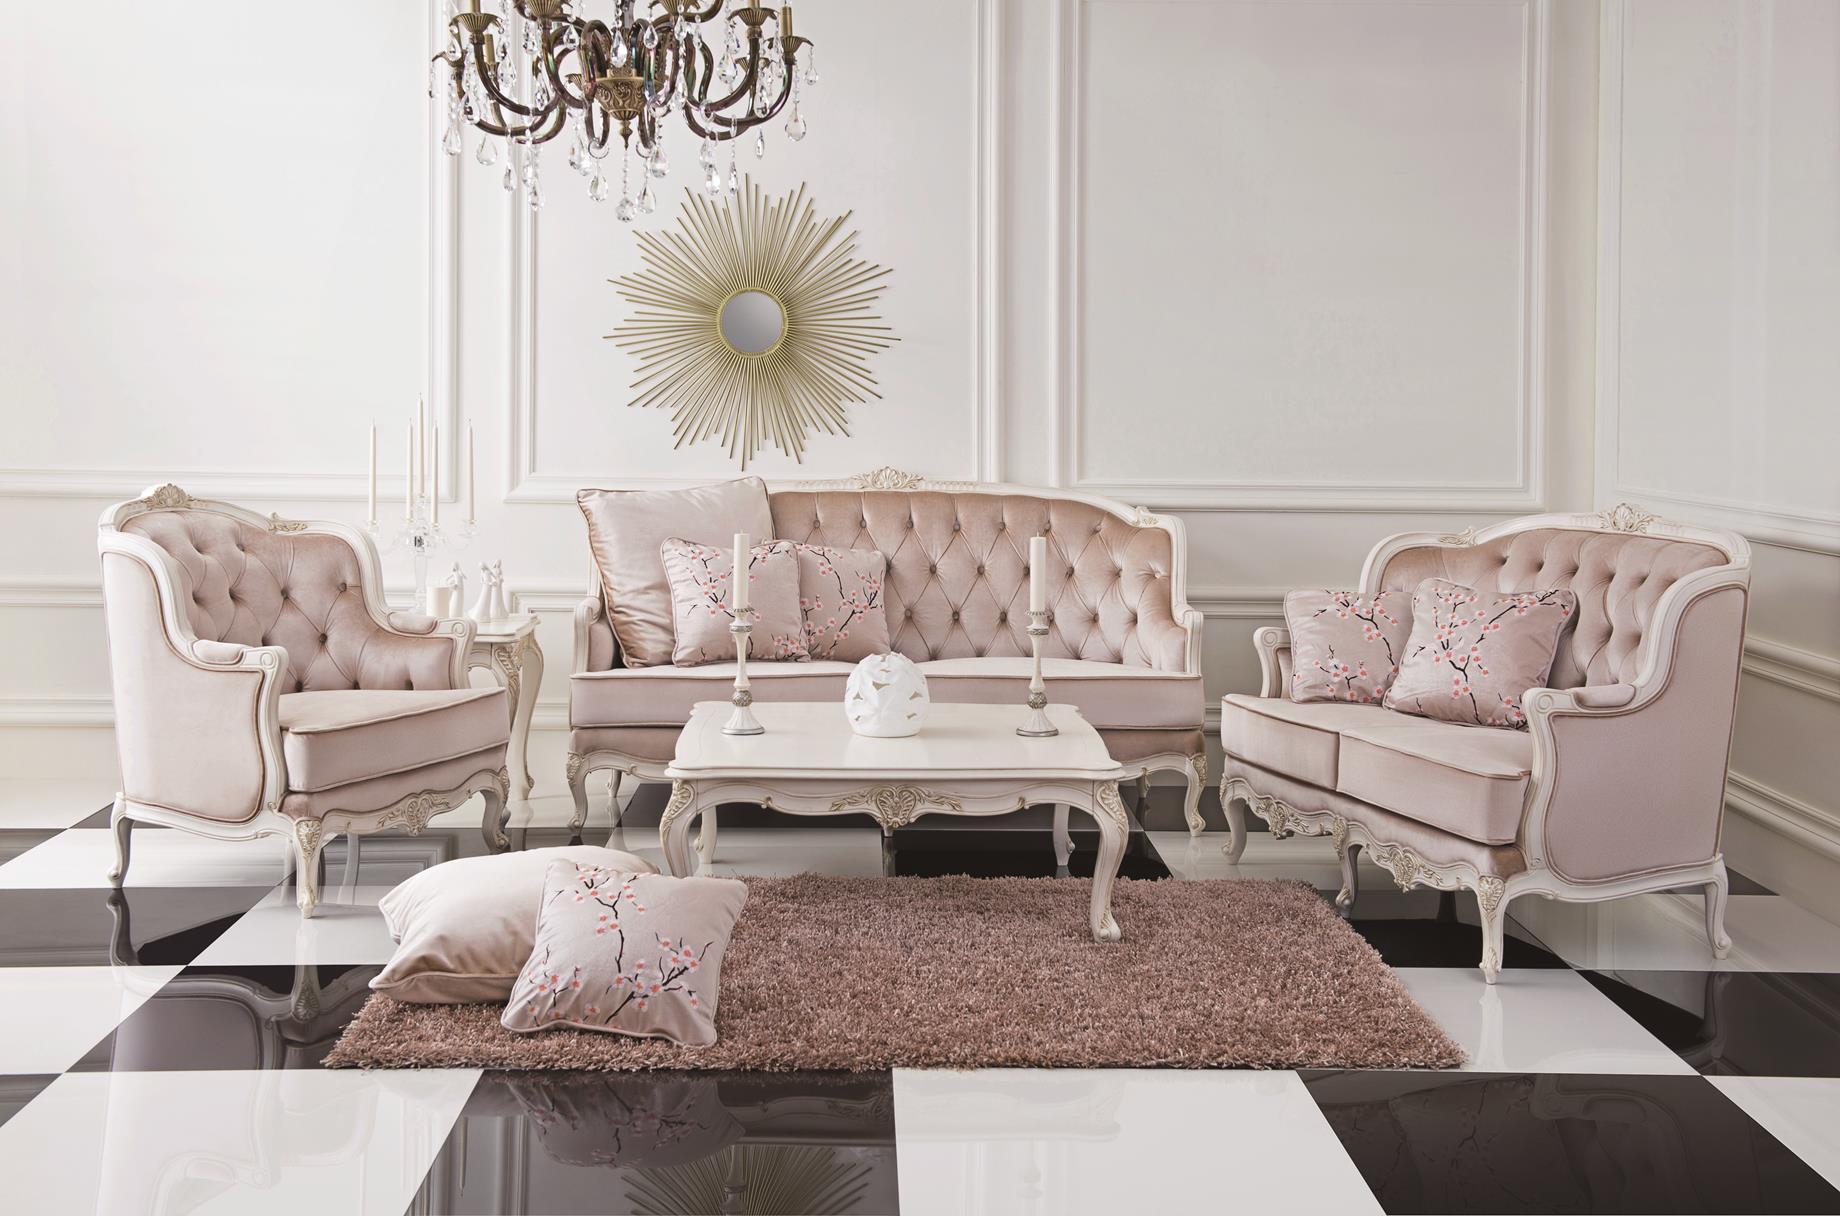 Сбор заказов. Элитная мебель доступной стоимости. Бесконечно уютная, роскошная и исключительно комфортная -13